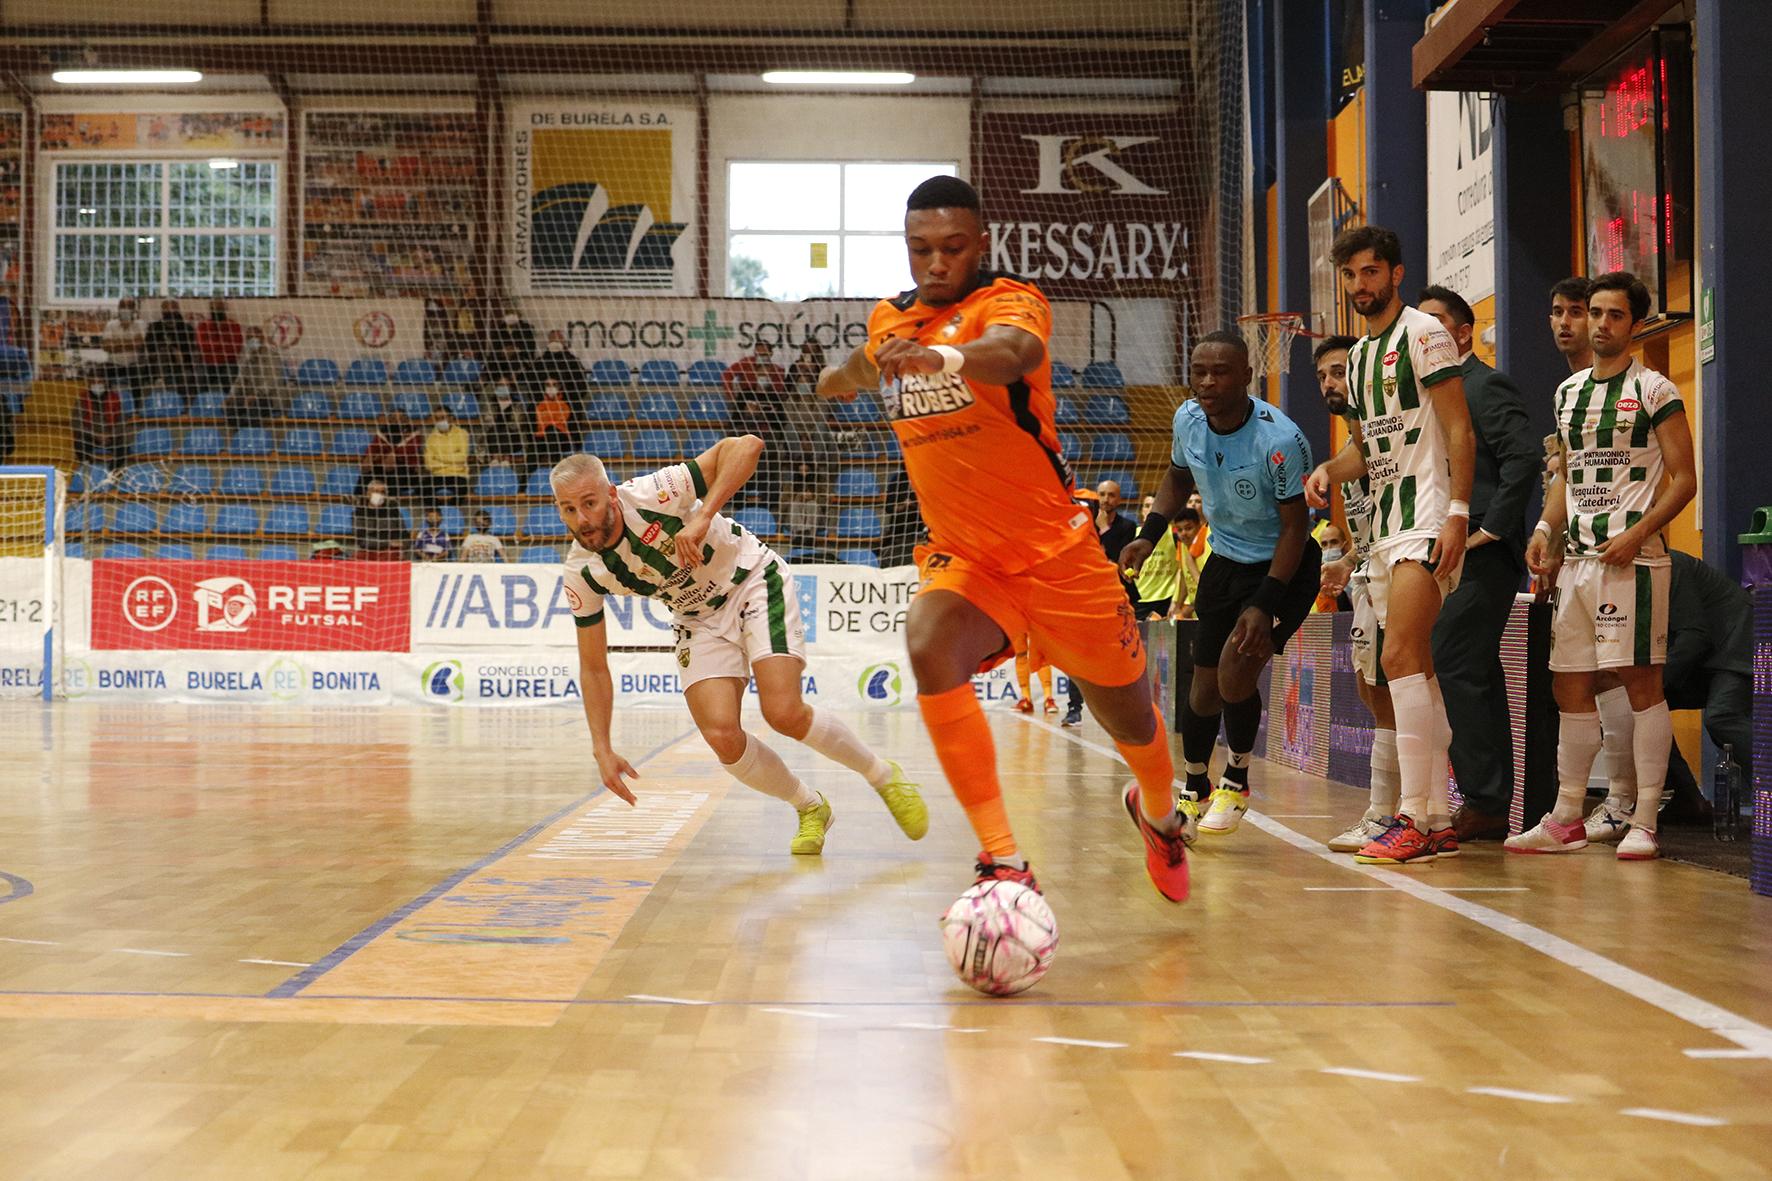 Frouxo partido do Pescados Rubén, 1-4 fronte ao Córdoba Futsal